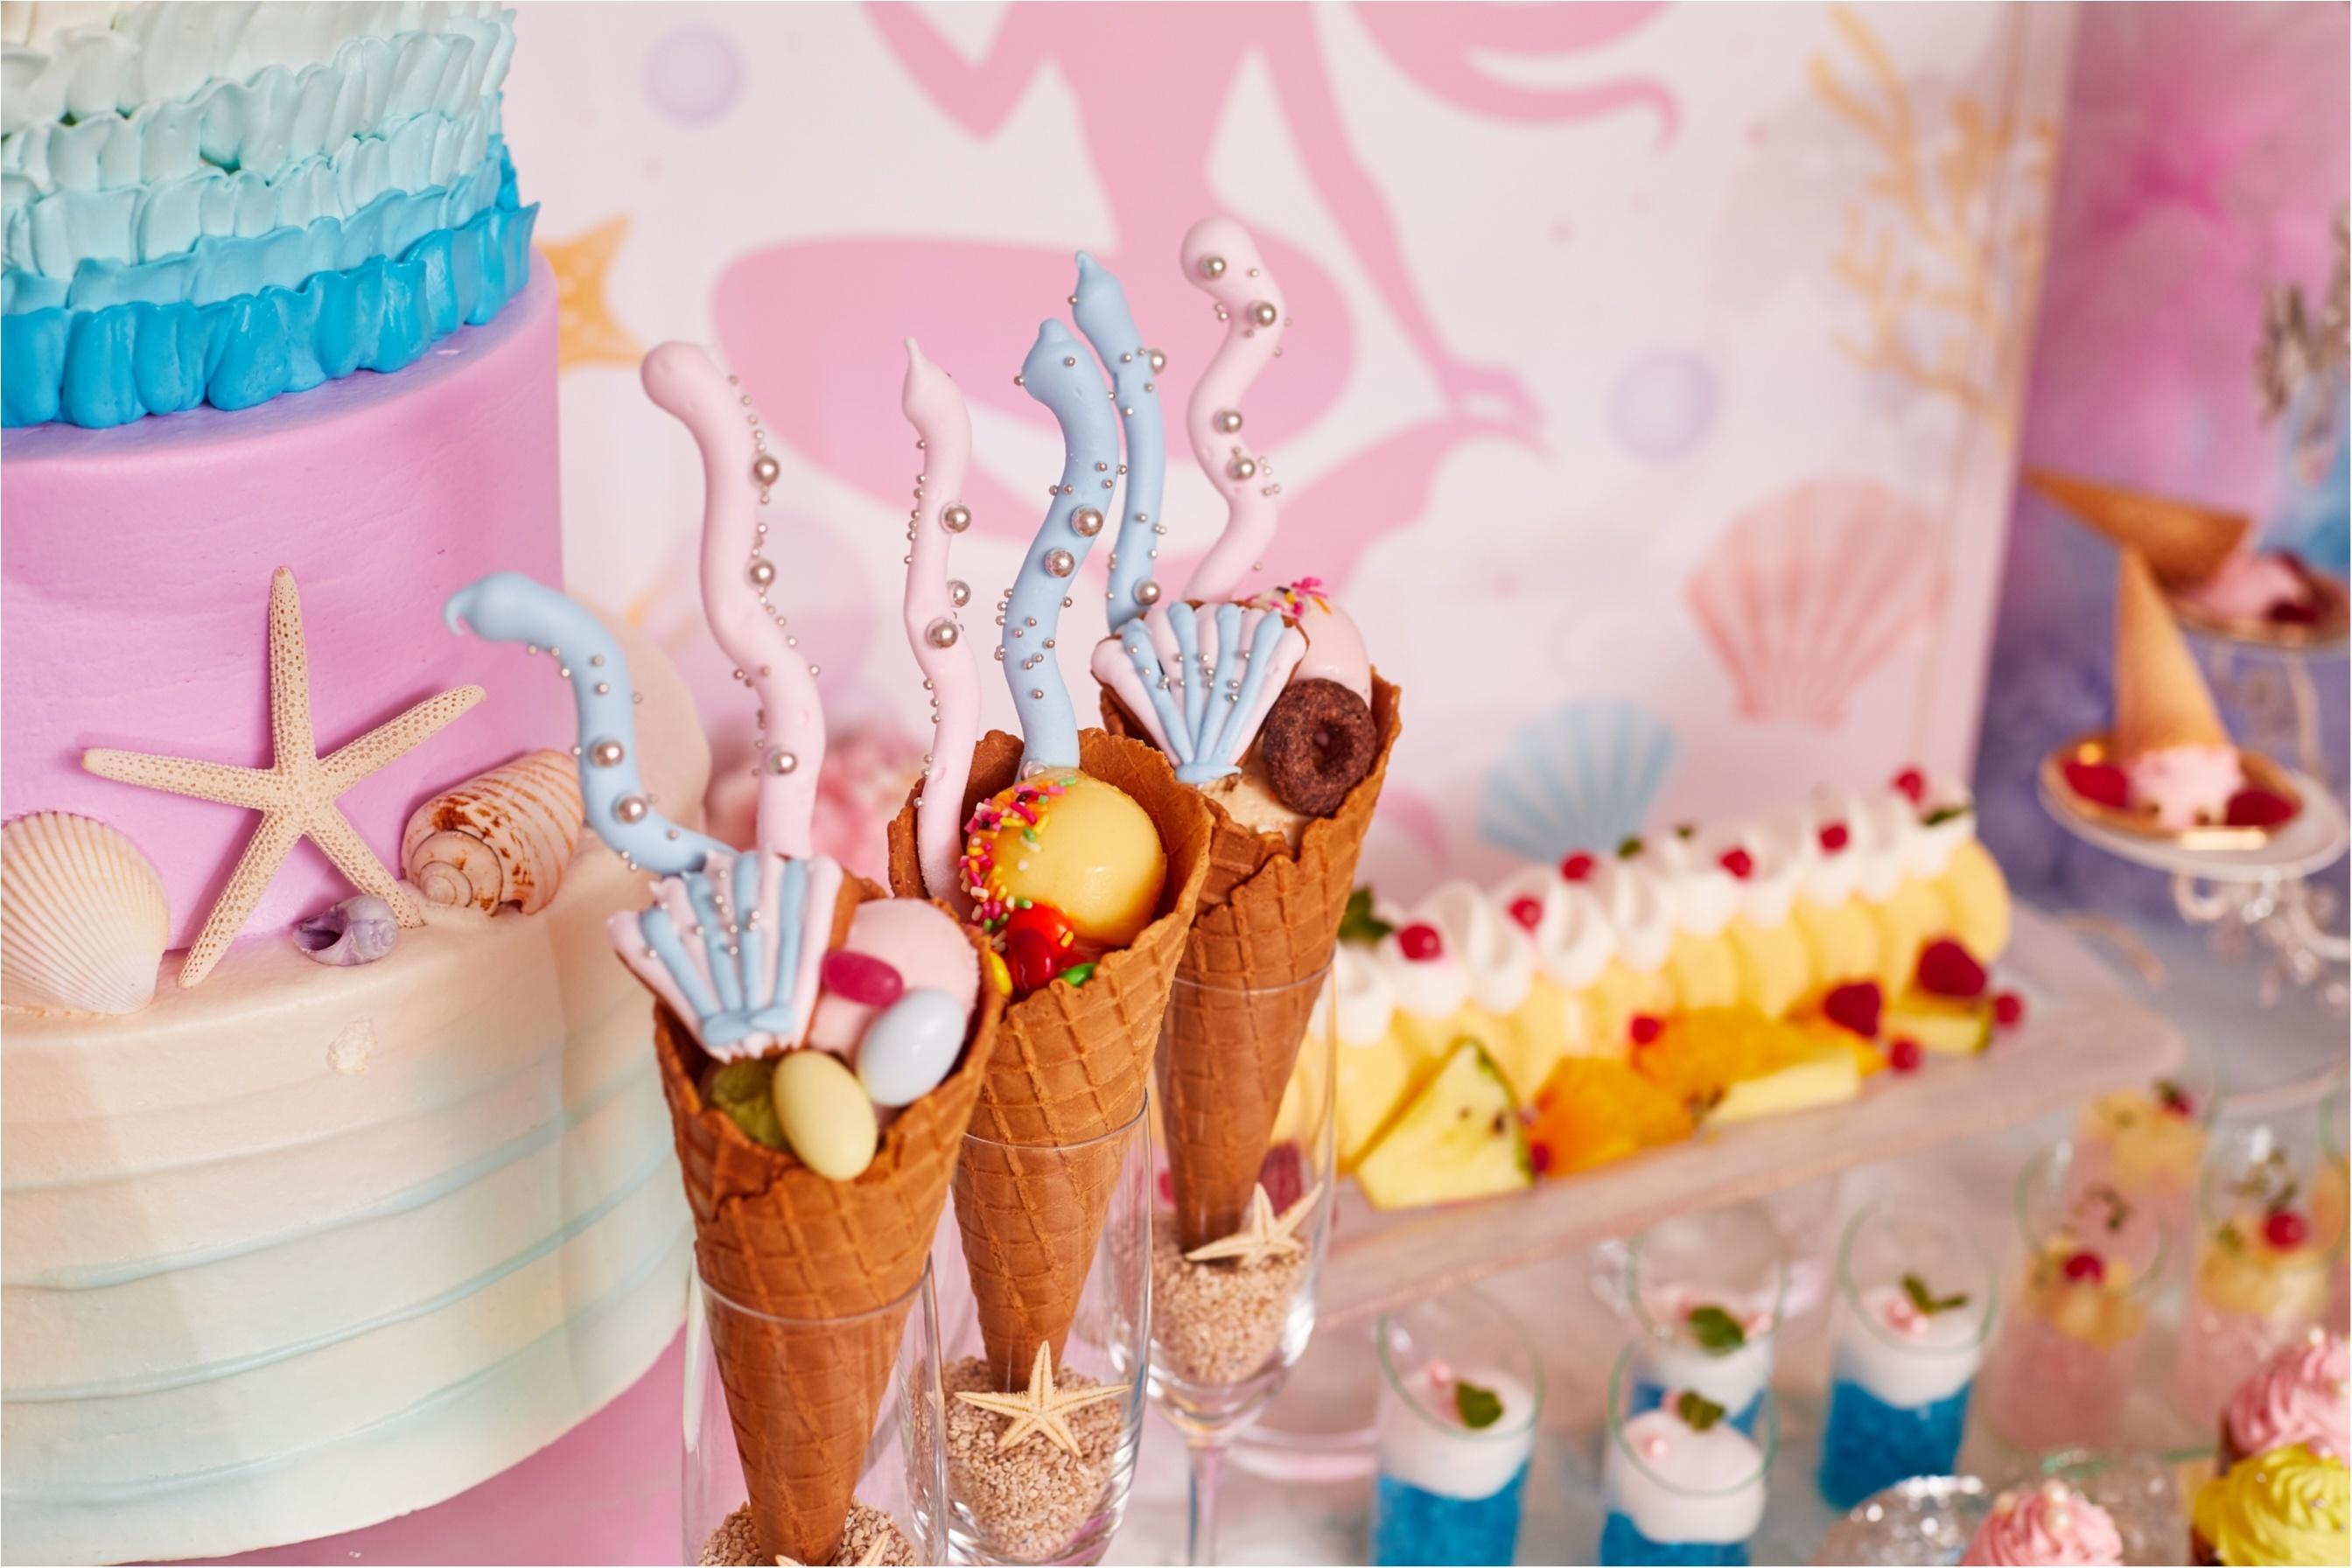 プリンセスマーメイドスイーツパーティー@青山セントグレース大聖堂「VINO BUONO(ヴィーノボーノ)」